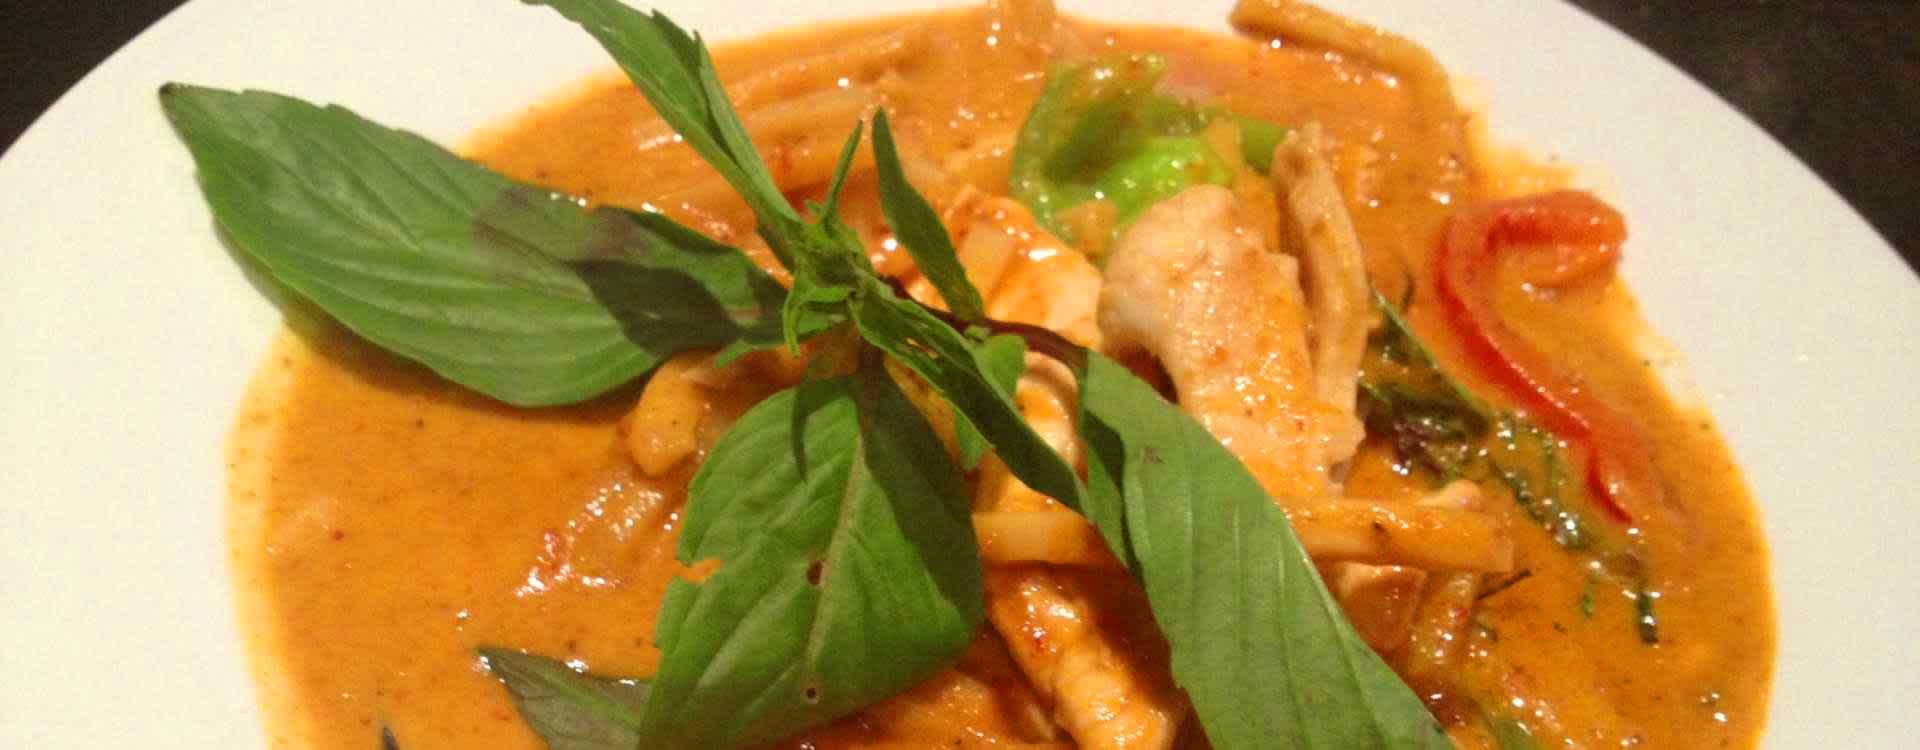 Bai Tong Thai Food in Tukwila